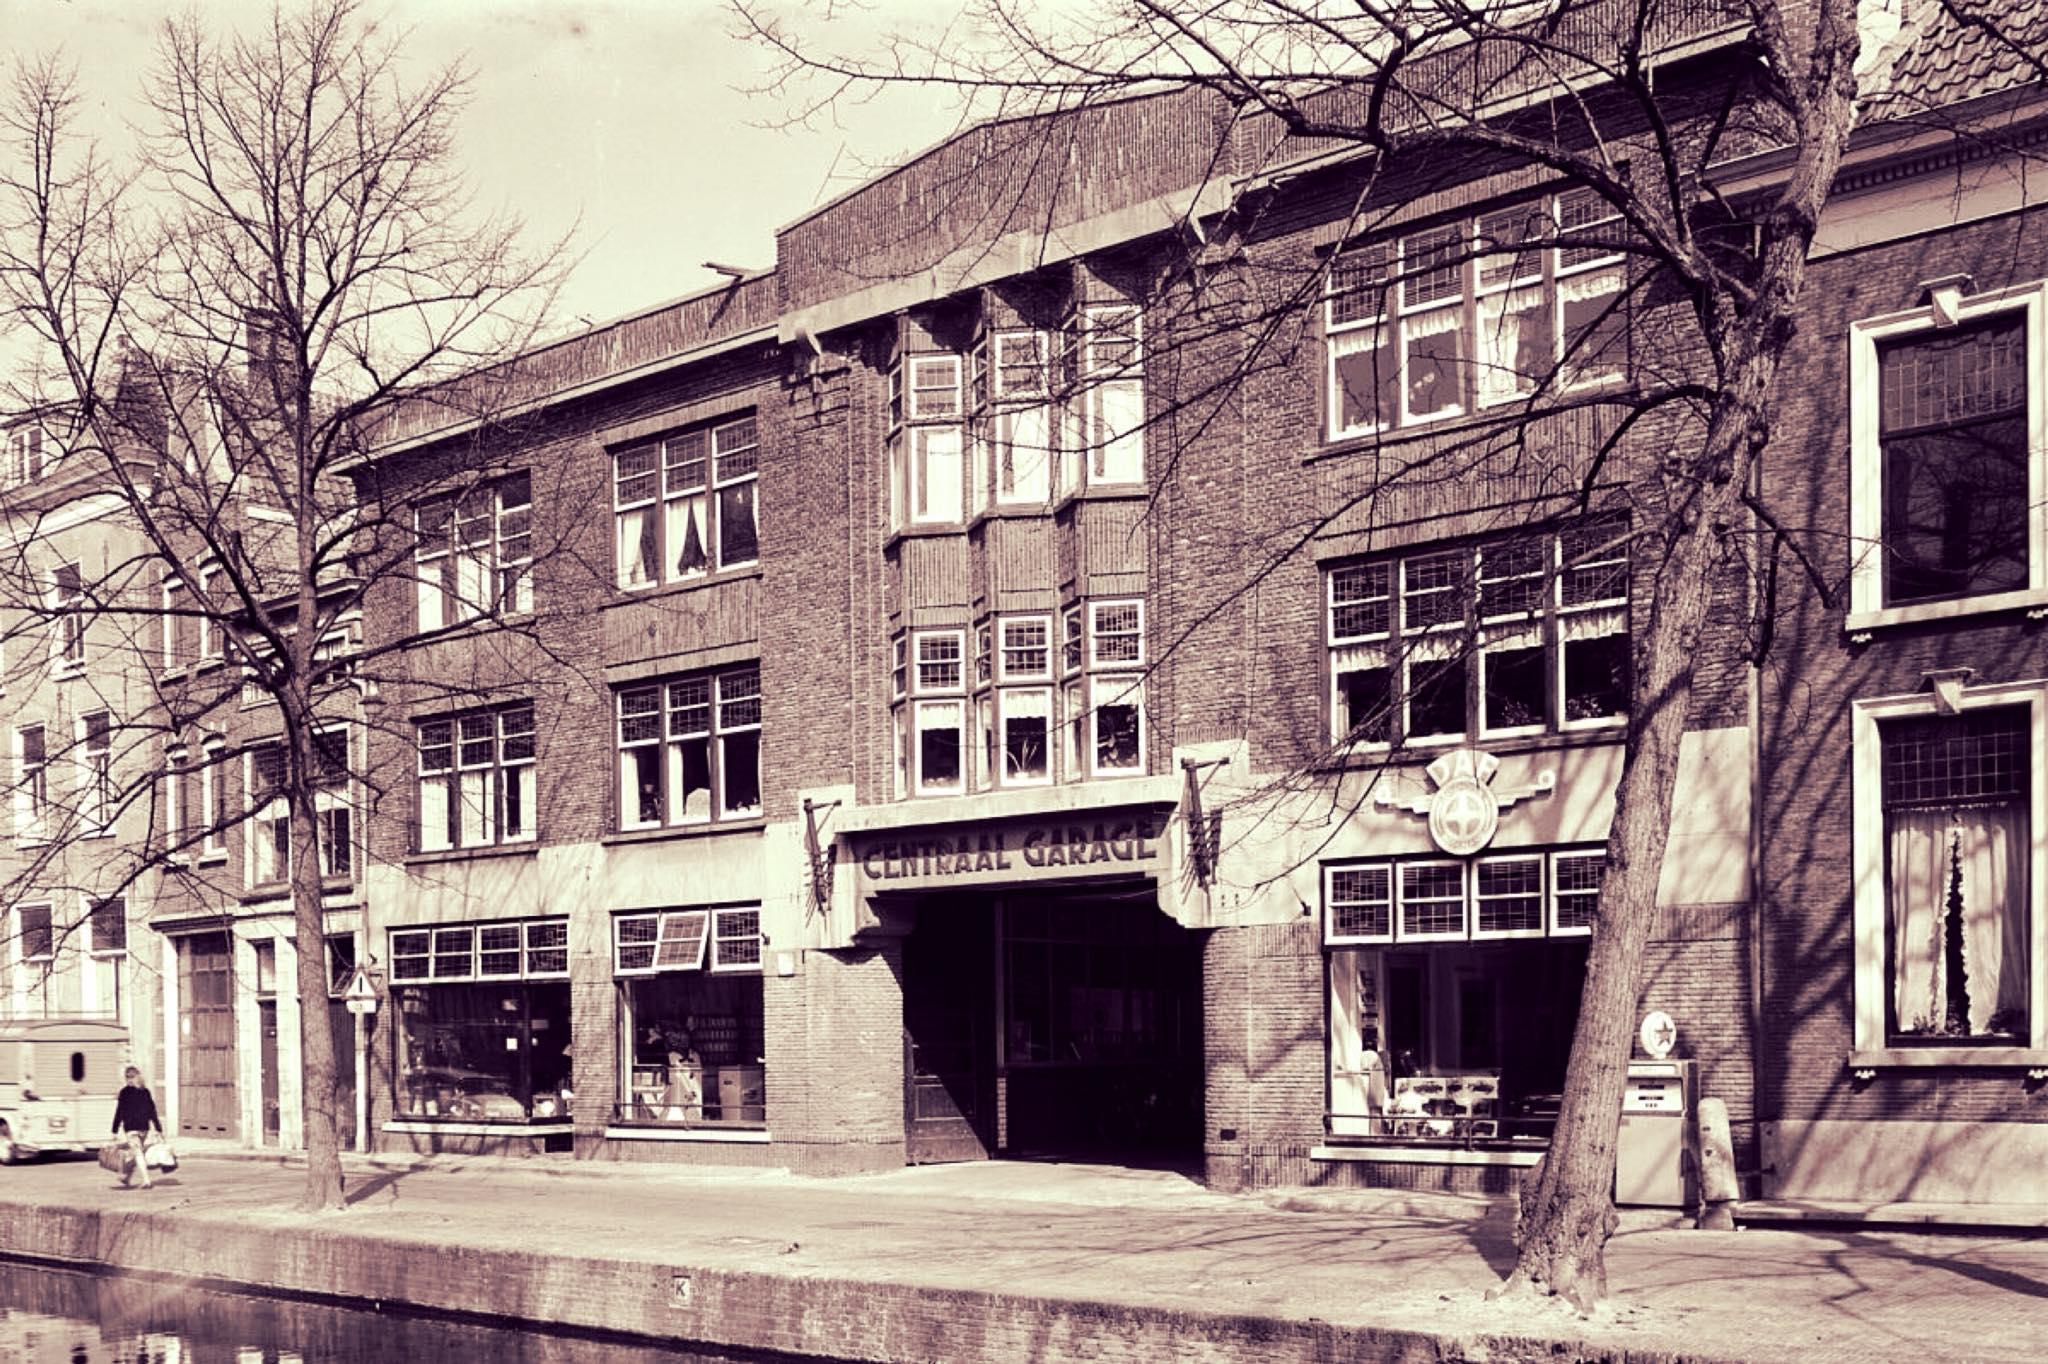 Daf-Dealer-Centraal-garage-Hoeke-Delft-